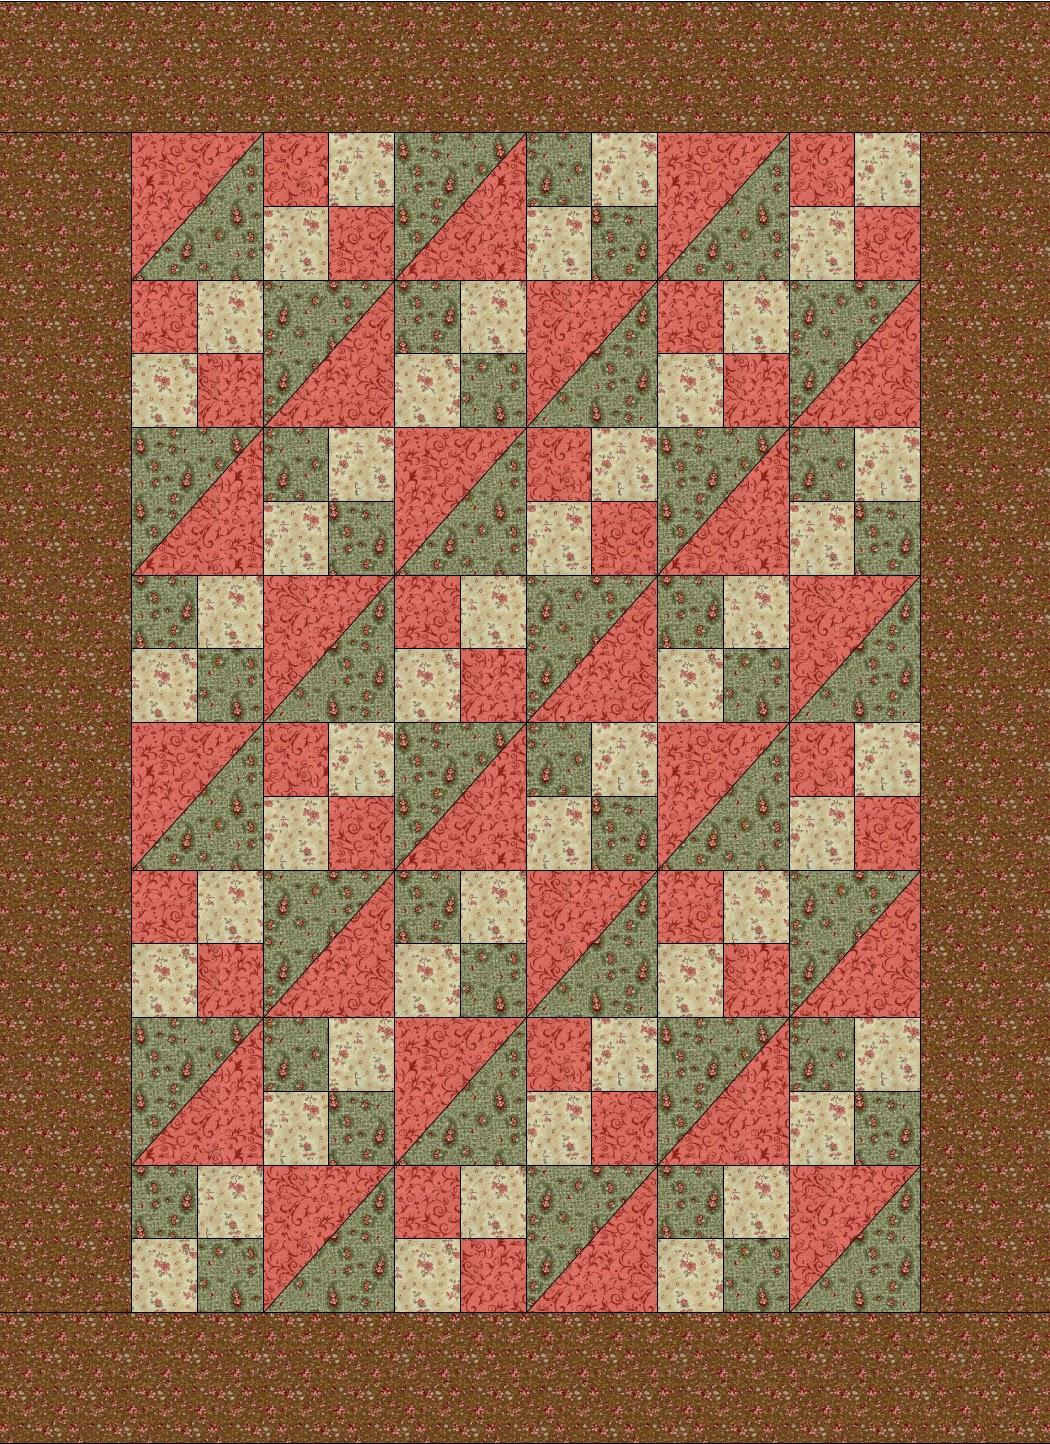 Quilt Patterns For Underground Railroad : Chock-A-Block Quilt Blocks: Underground Railroad